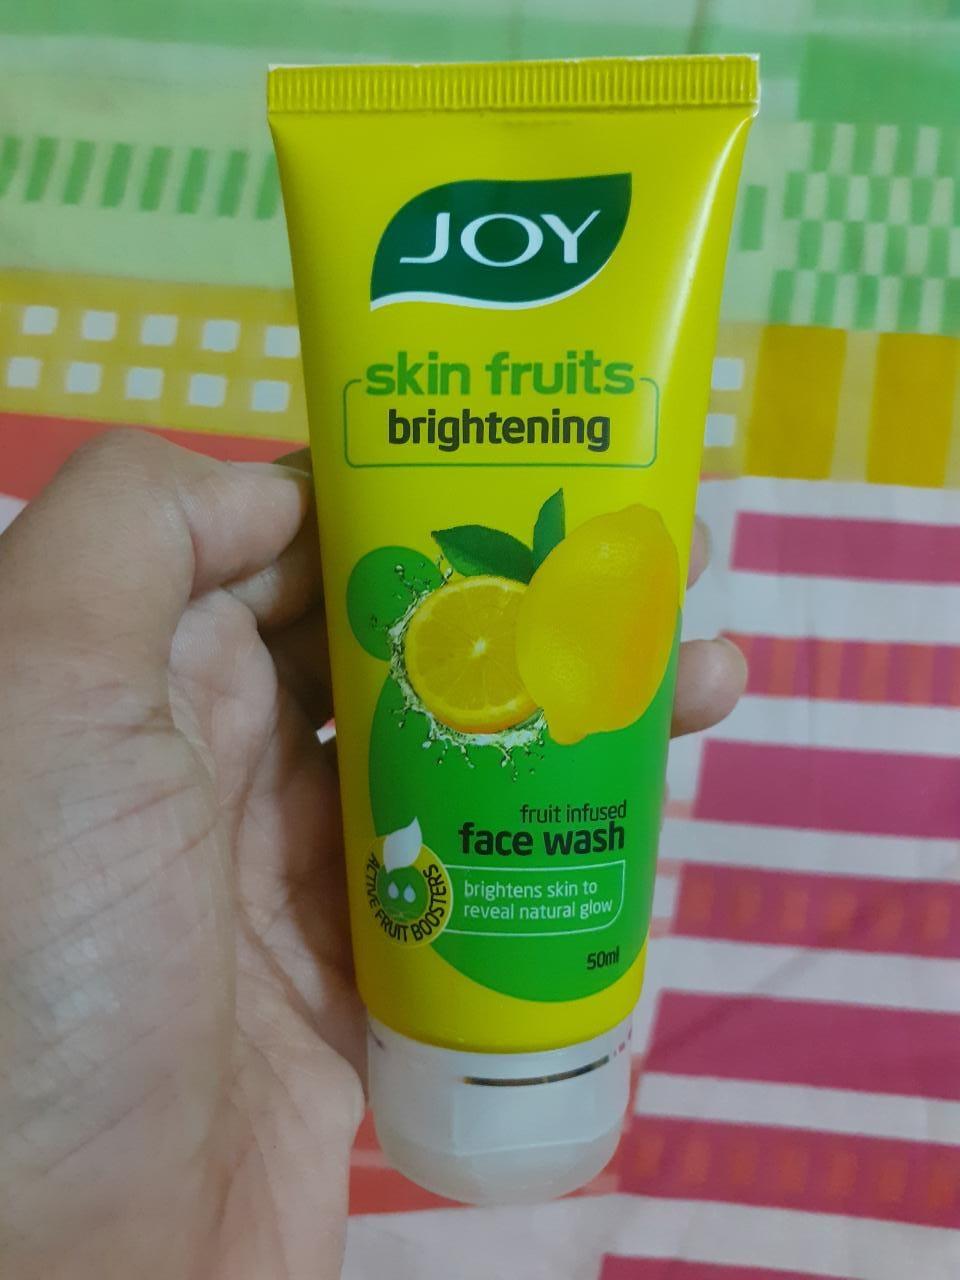 Joy Skin Fruits Fairness Face Wash Lemon-Creamy face wash-By pixie